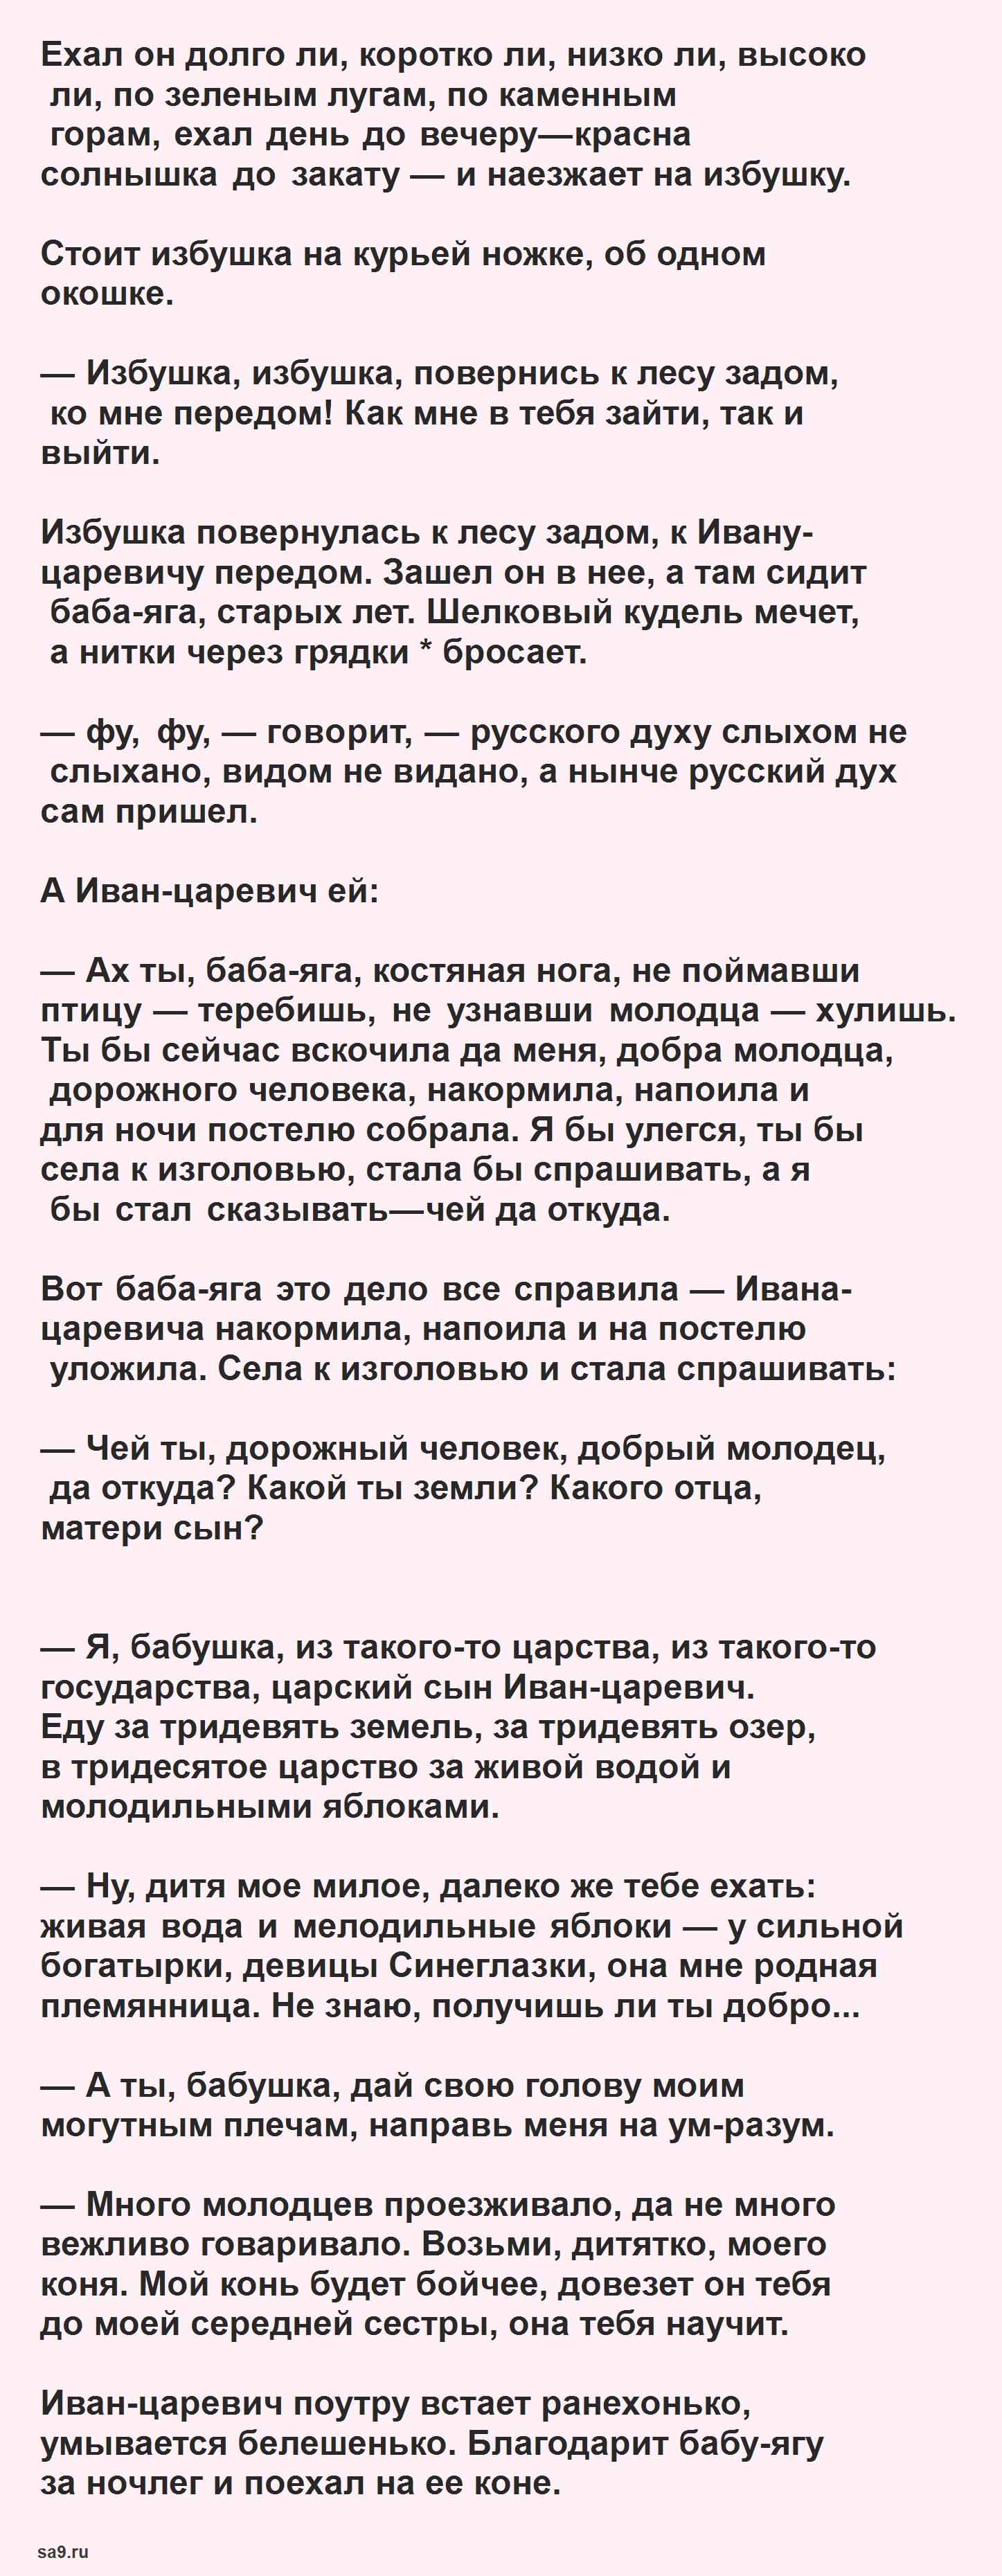 Читать русскую народную сказку - О молодильных яблоках и живой воде